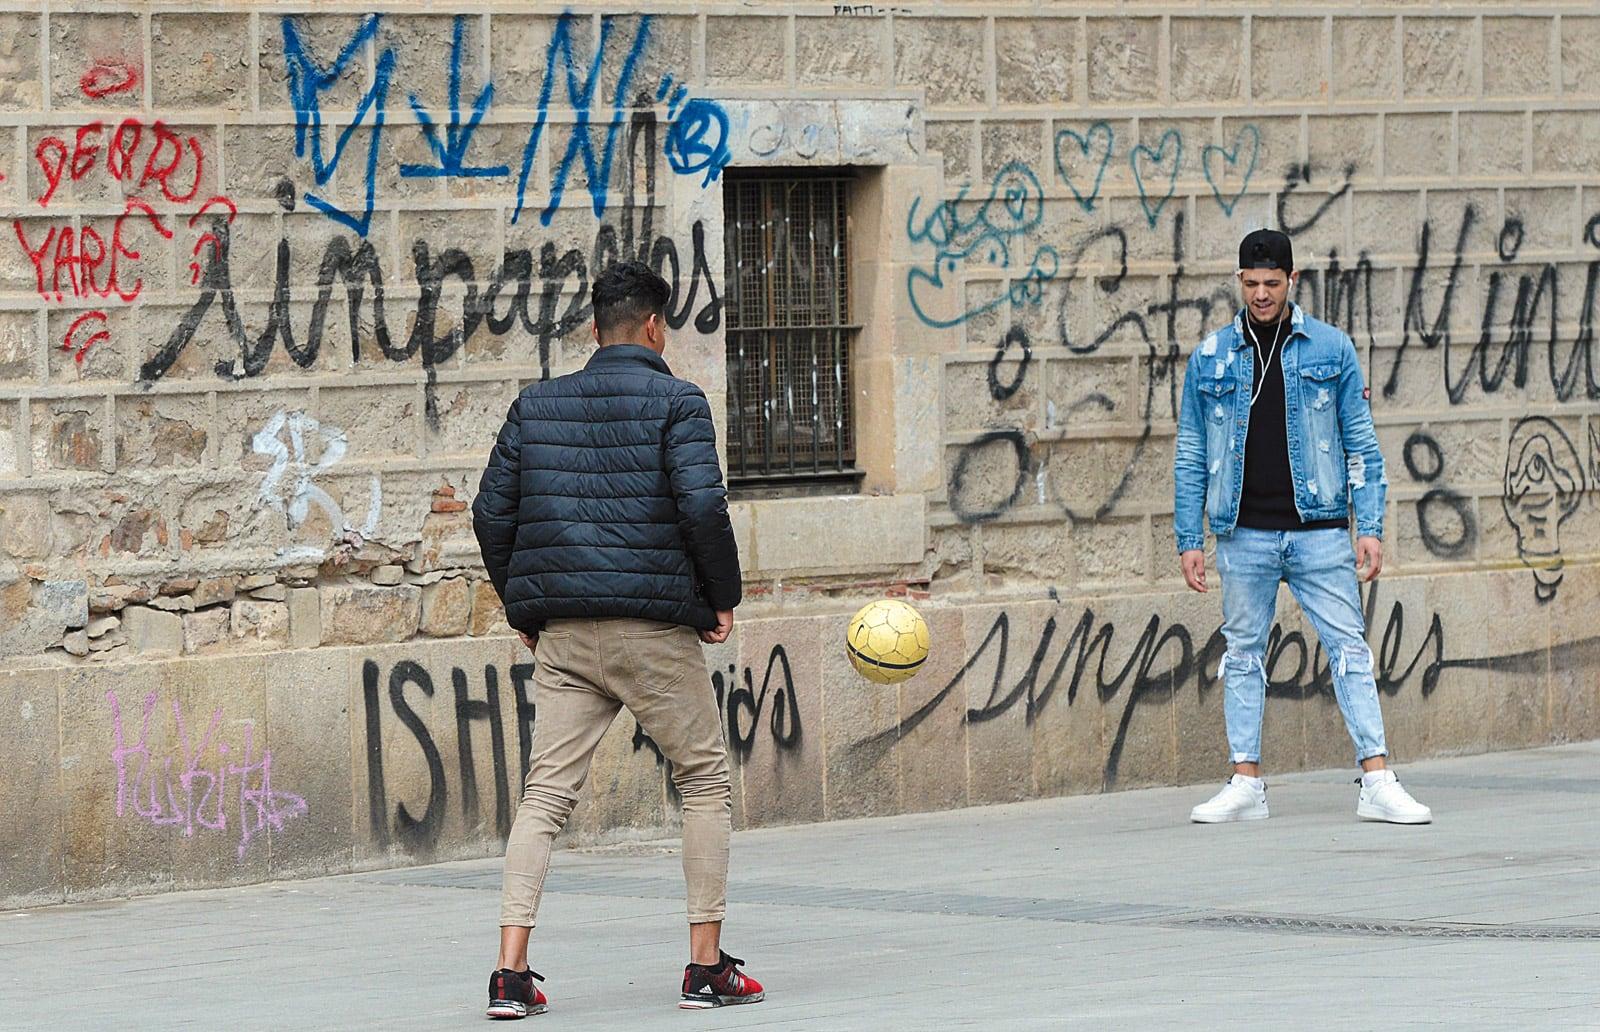 Dos nois immigrants juguen a pilota al carrer de les Floristes de les Rambles al Raval. ©Xavier Jubierre